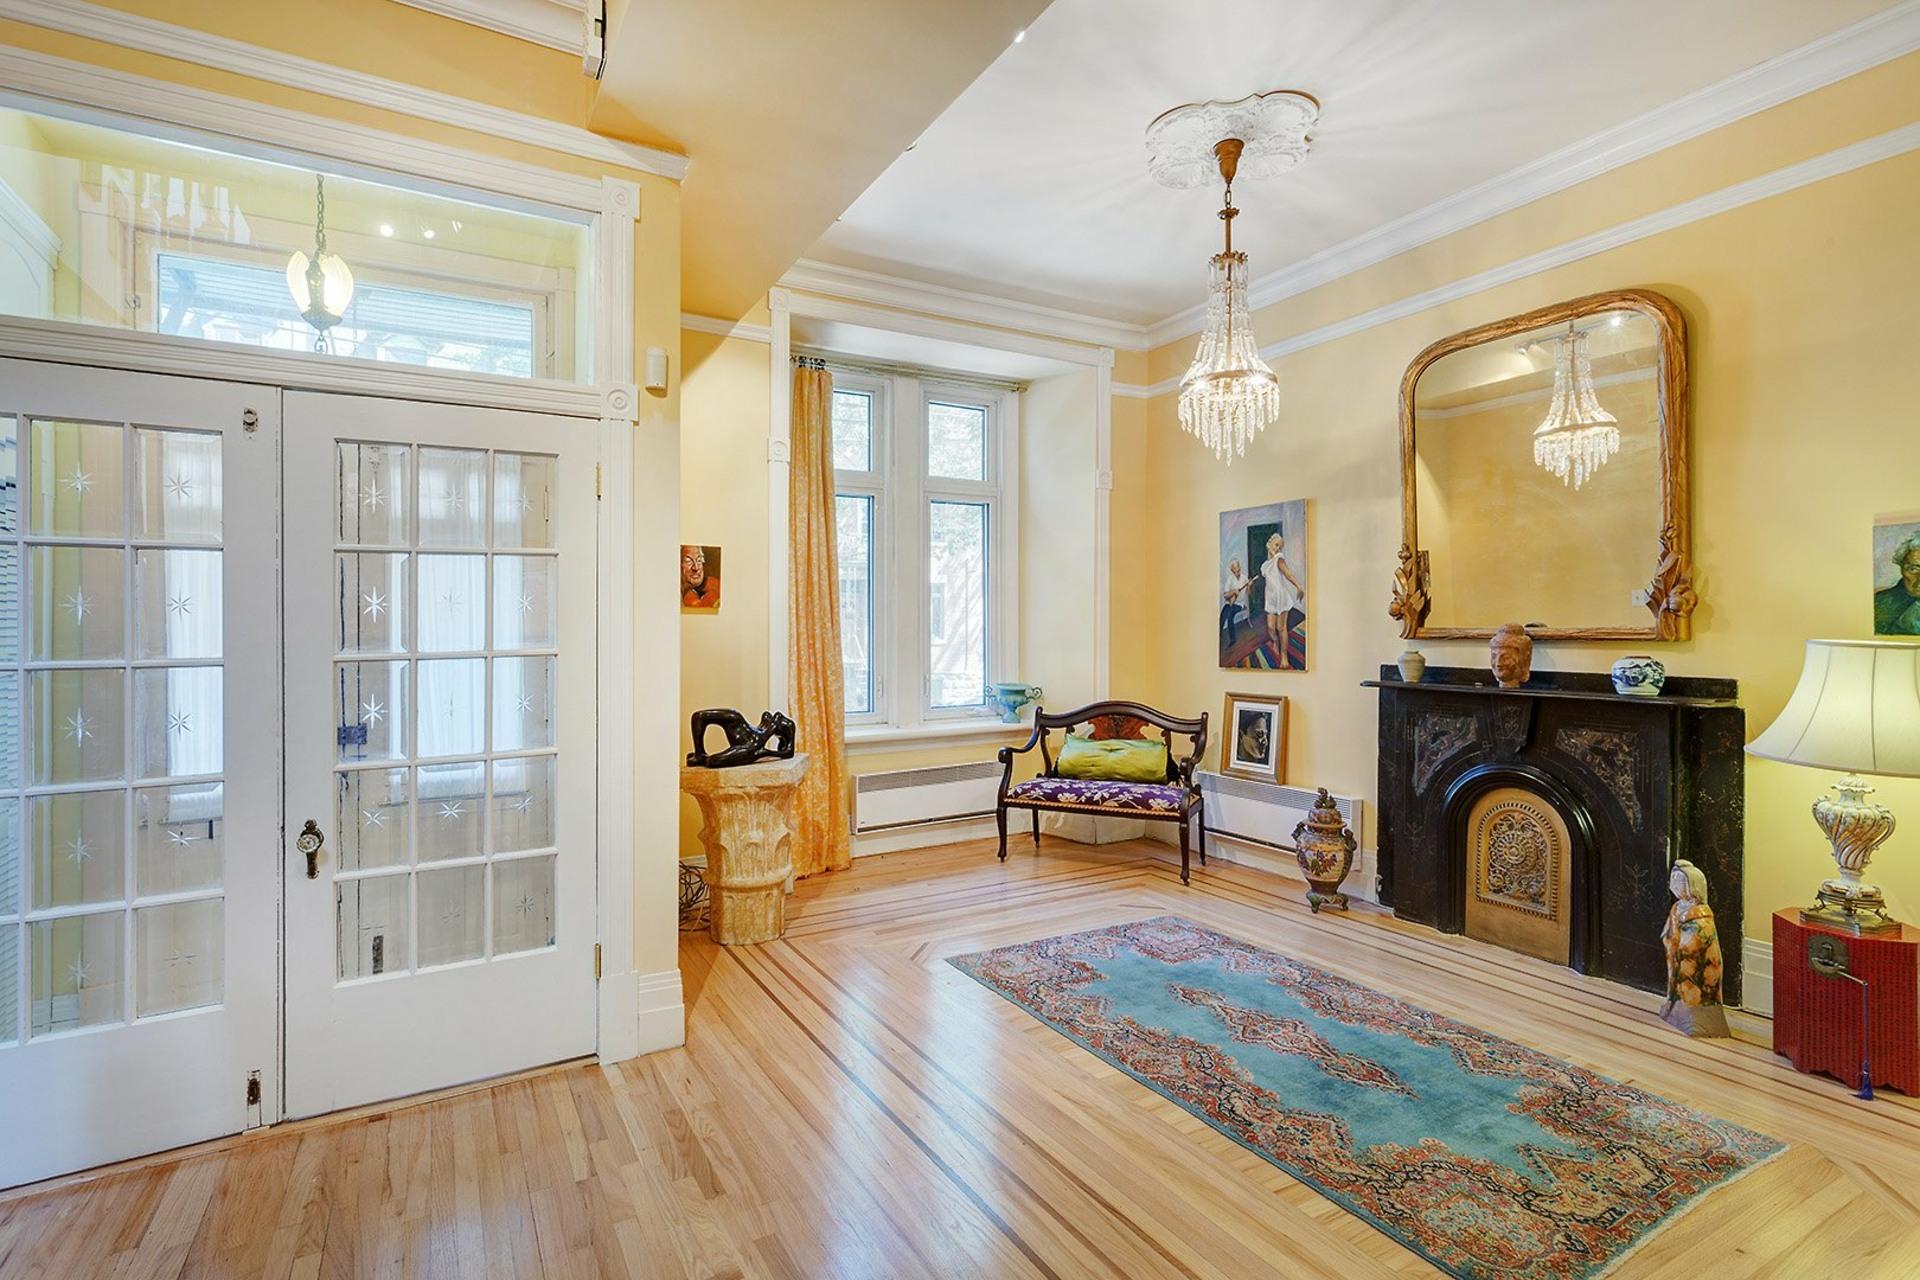 image 2 - Maison À vendre Montréal Le Plateau-Mont-Royal  - 14 pièces